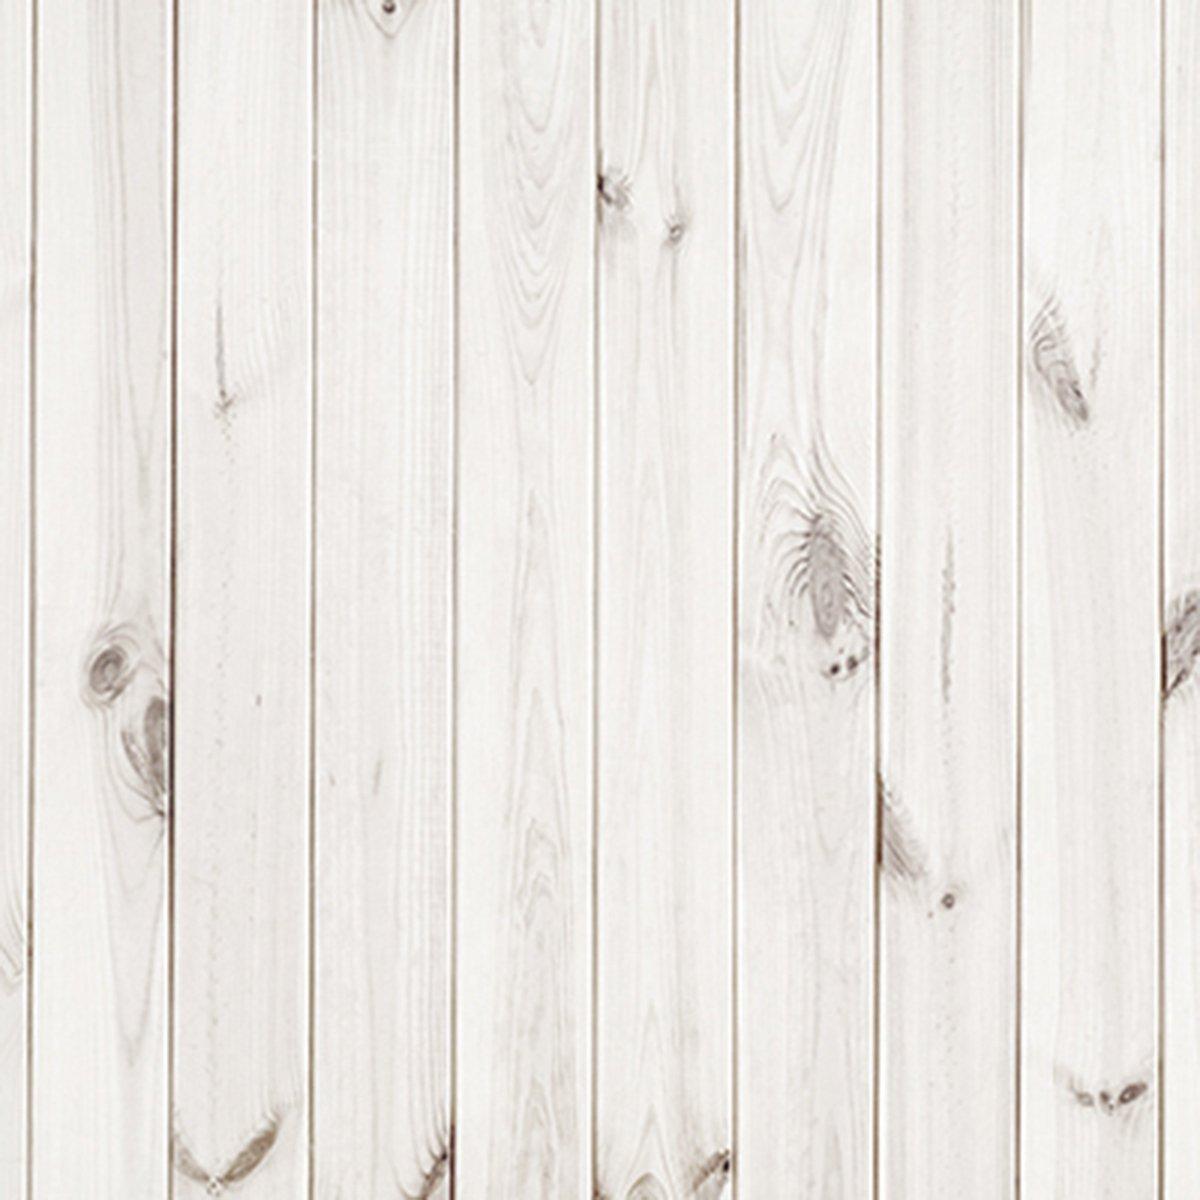 Беленые доски фон